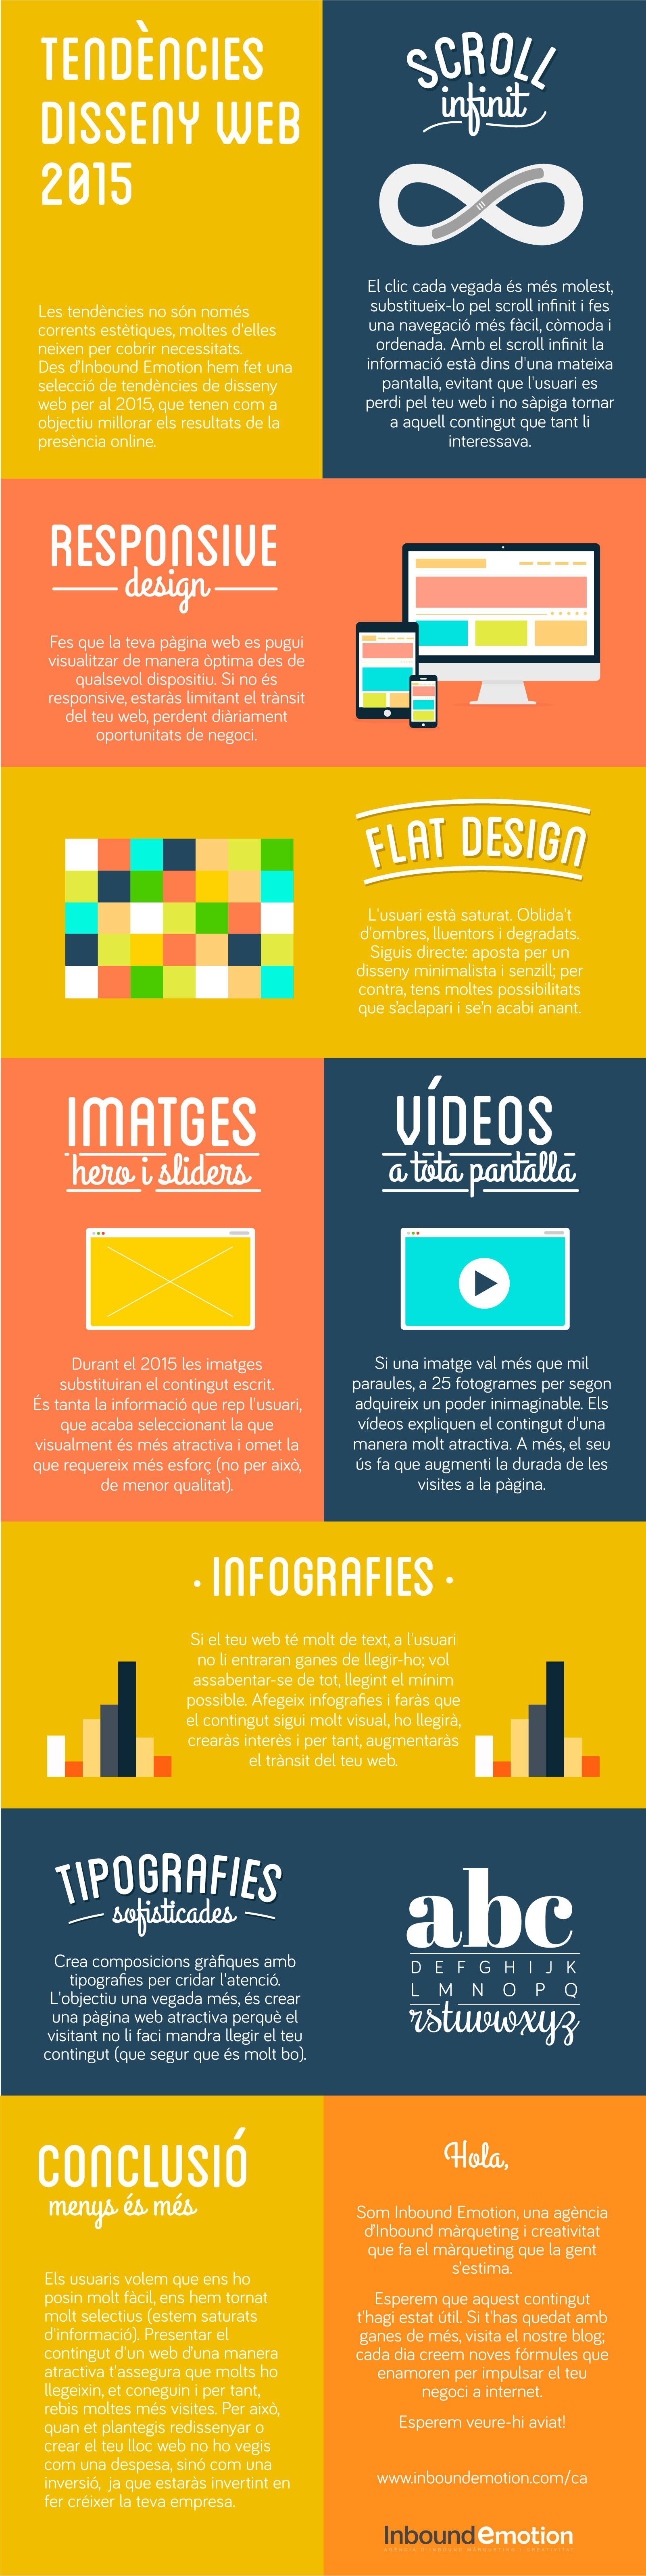 infografia-cat-tendencies-disseny-2105